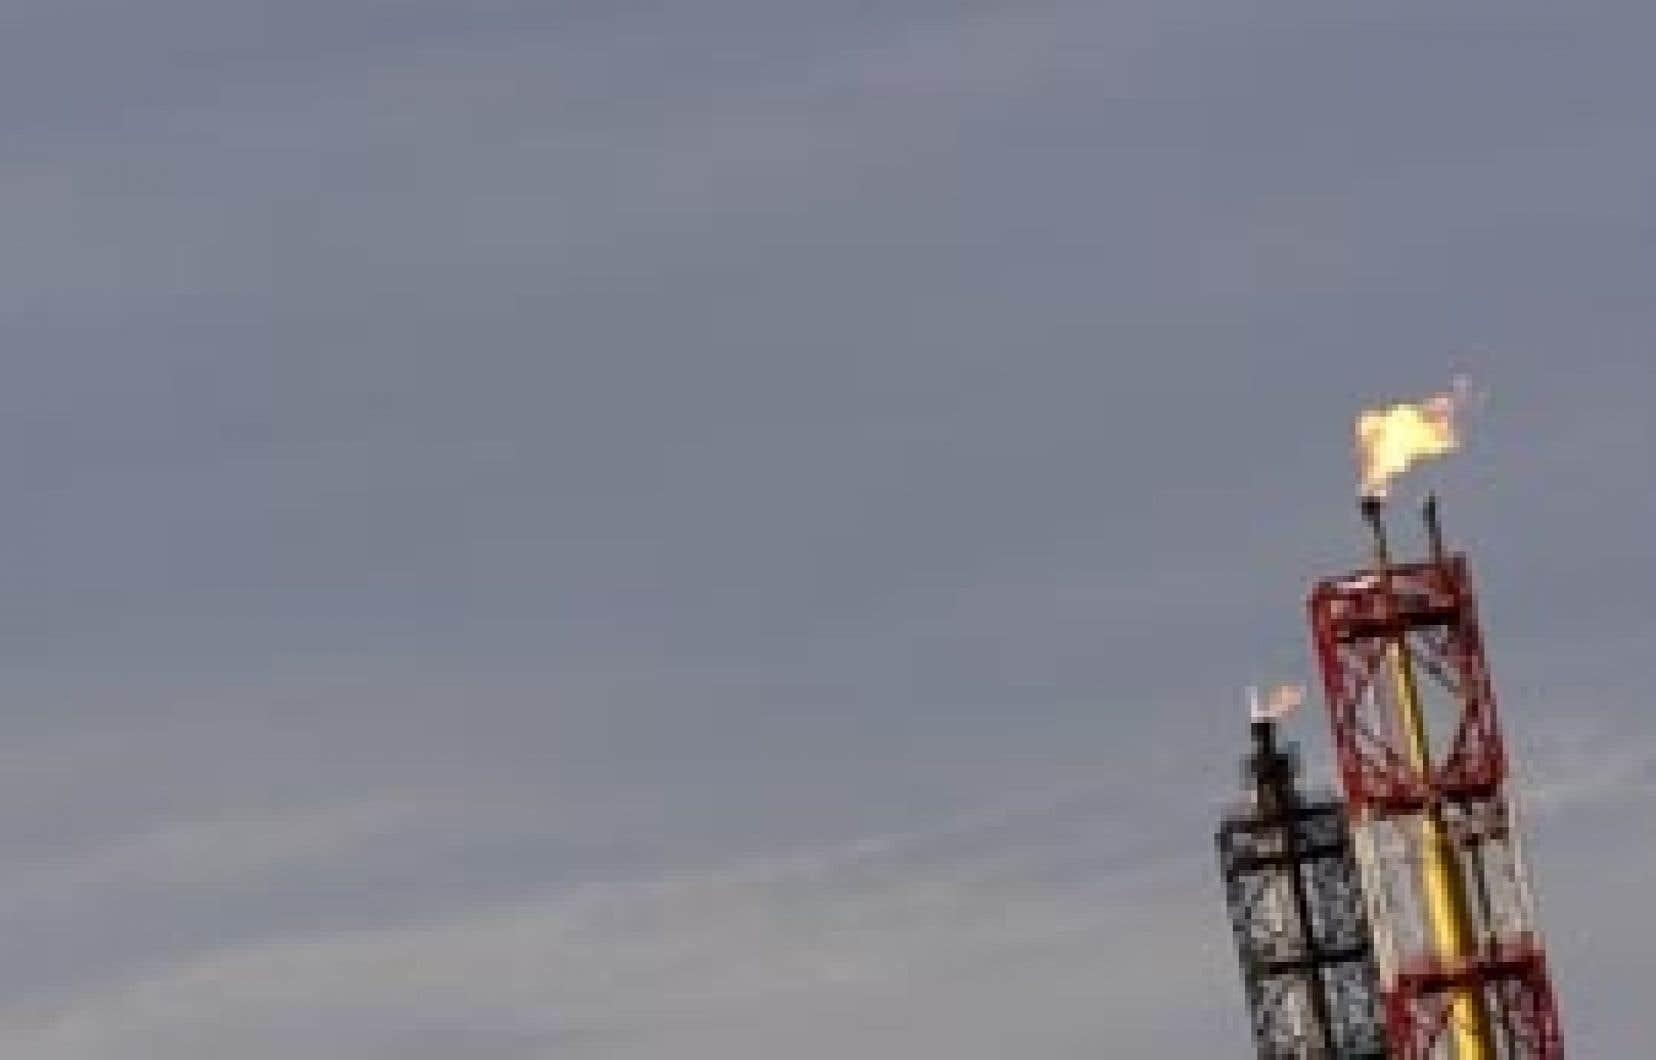 À New York, le baril de light sweet crude a fini à 49,28 $US, en baisse de 5,15 $US par rapport à la clôture de vendredi.